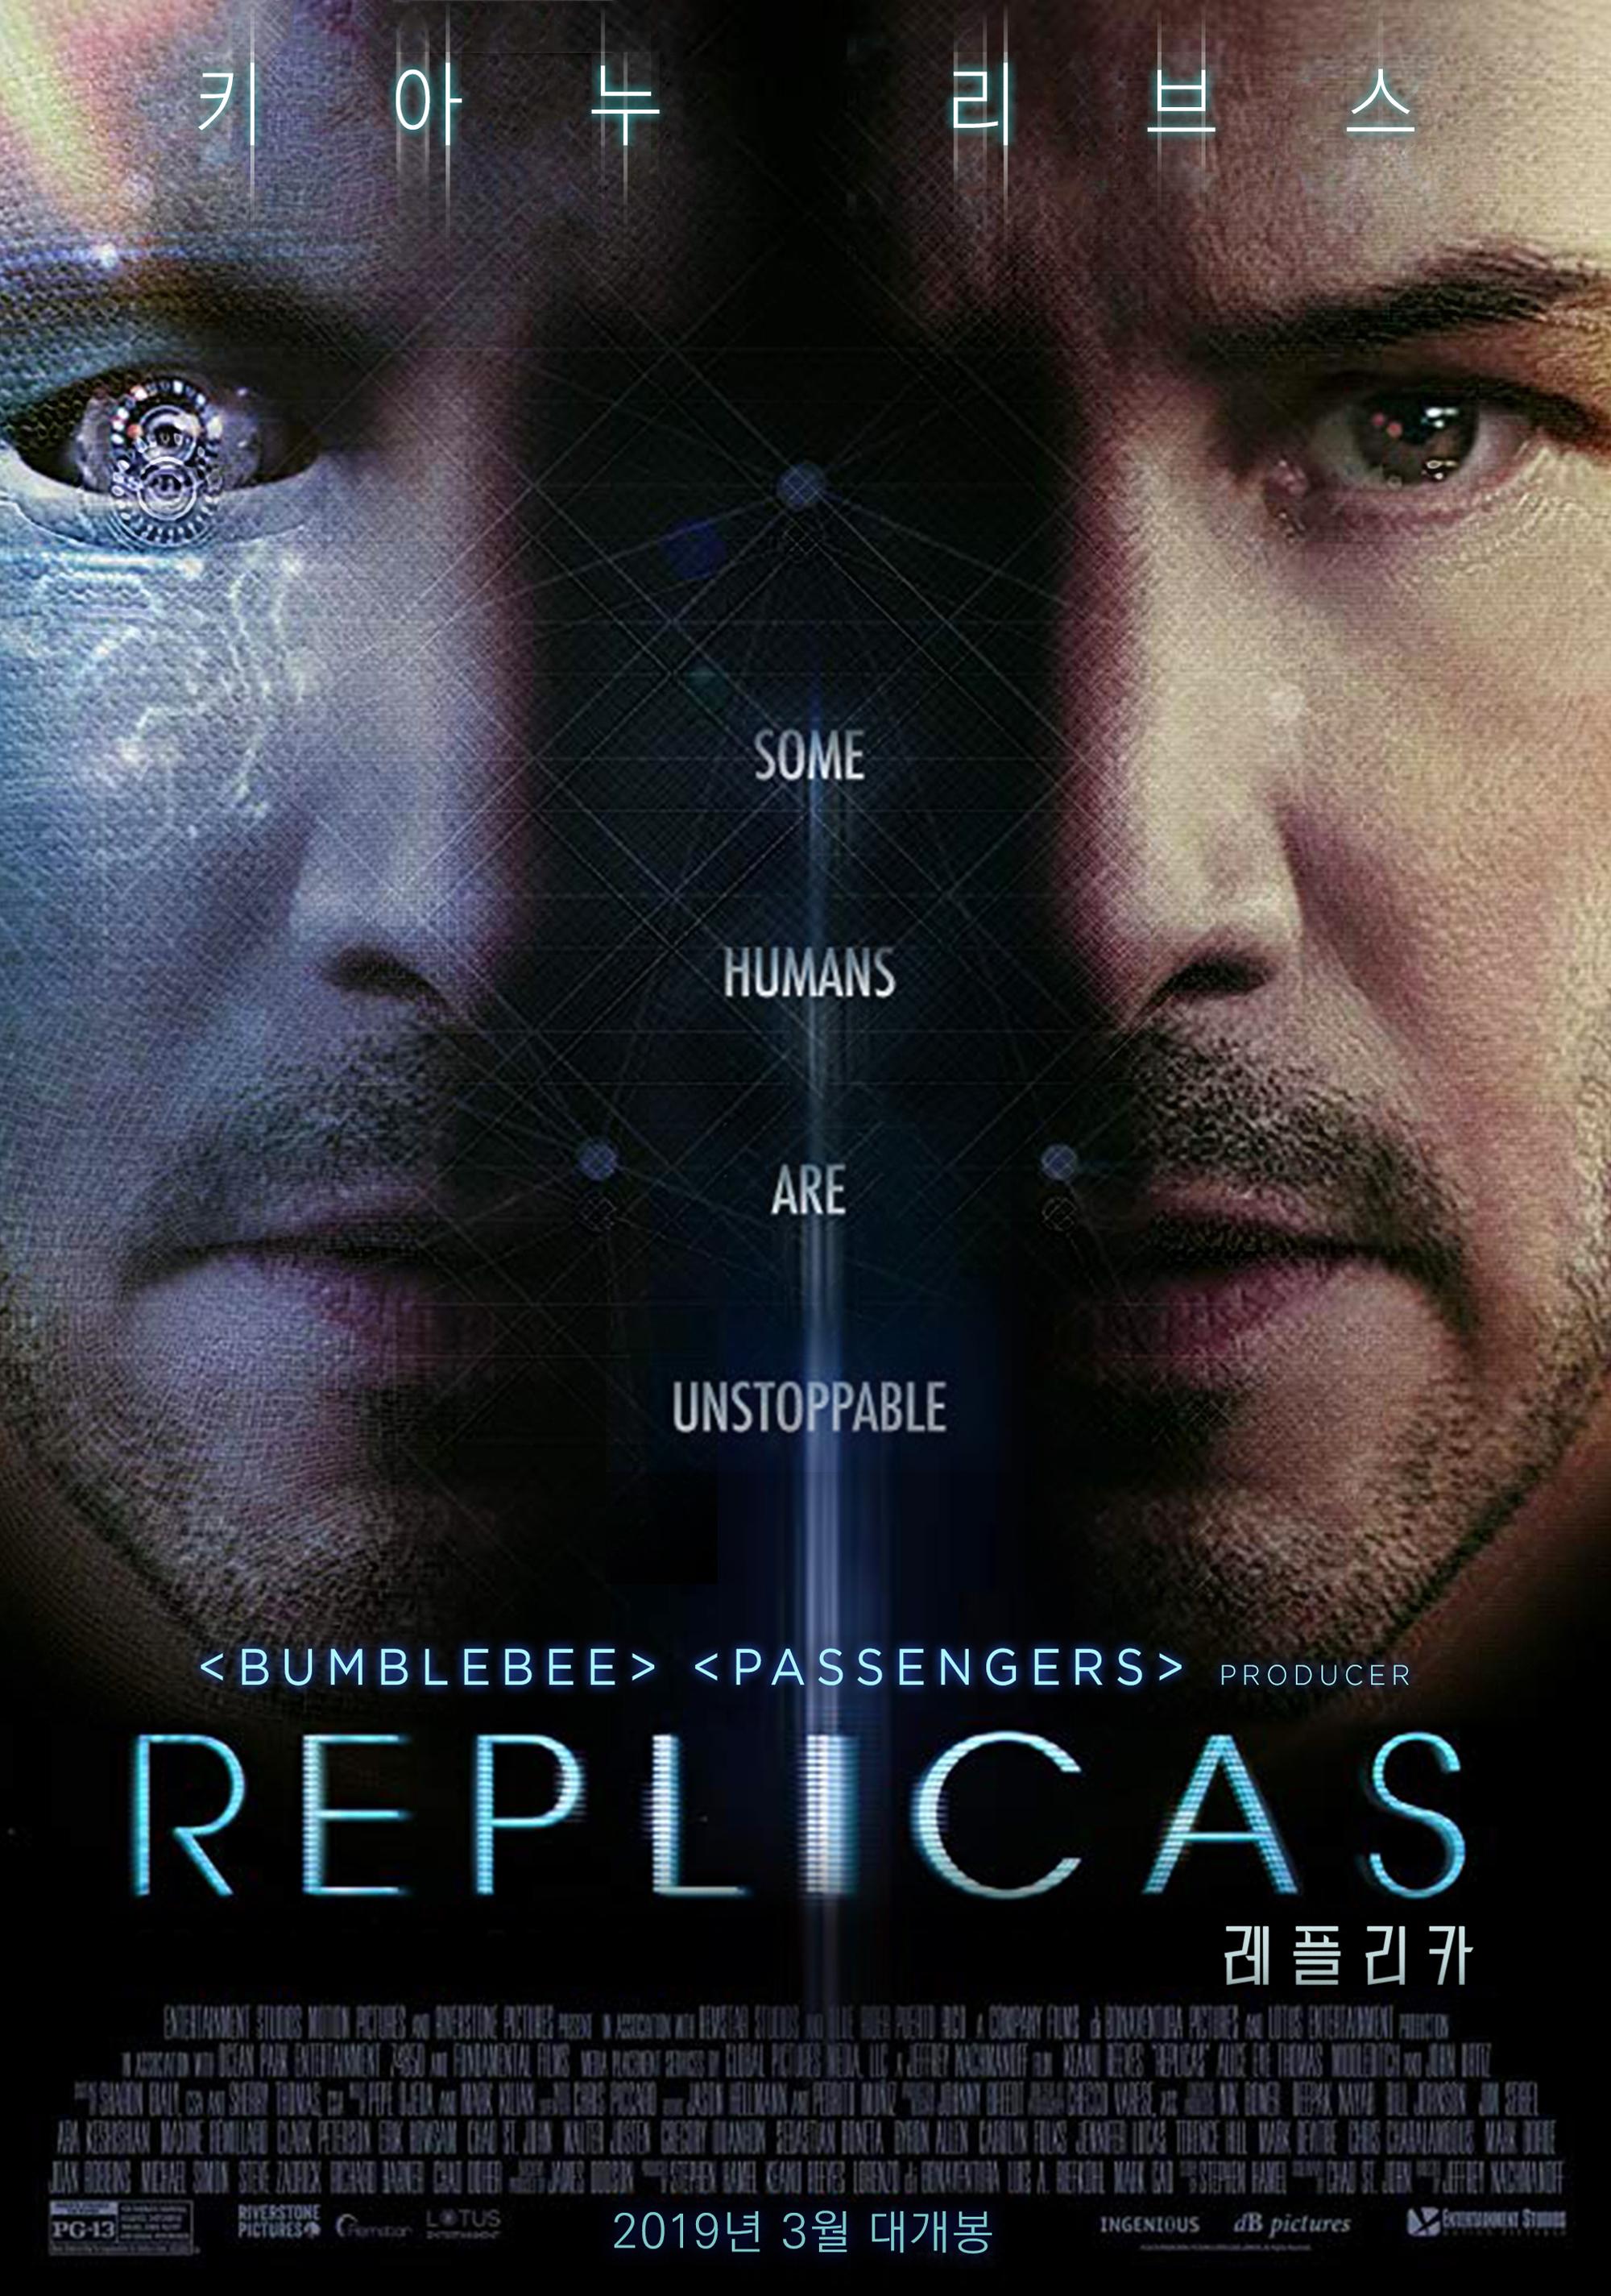 레플리카 (Replicas, 2018)